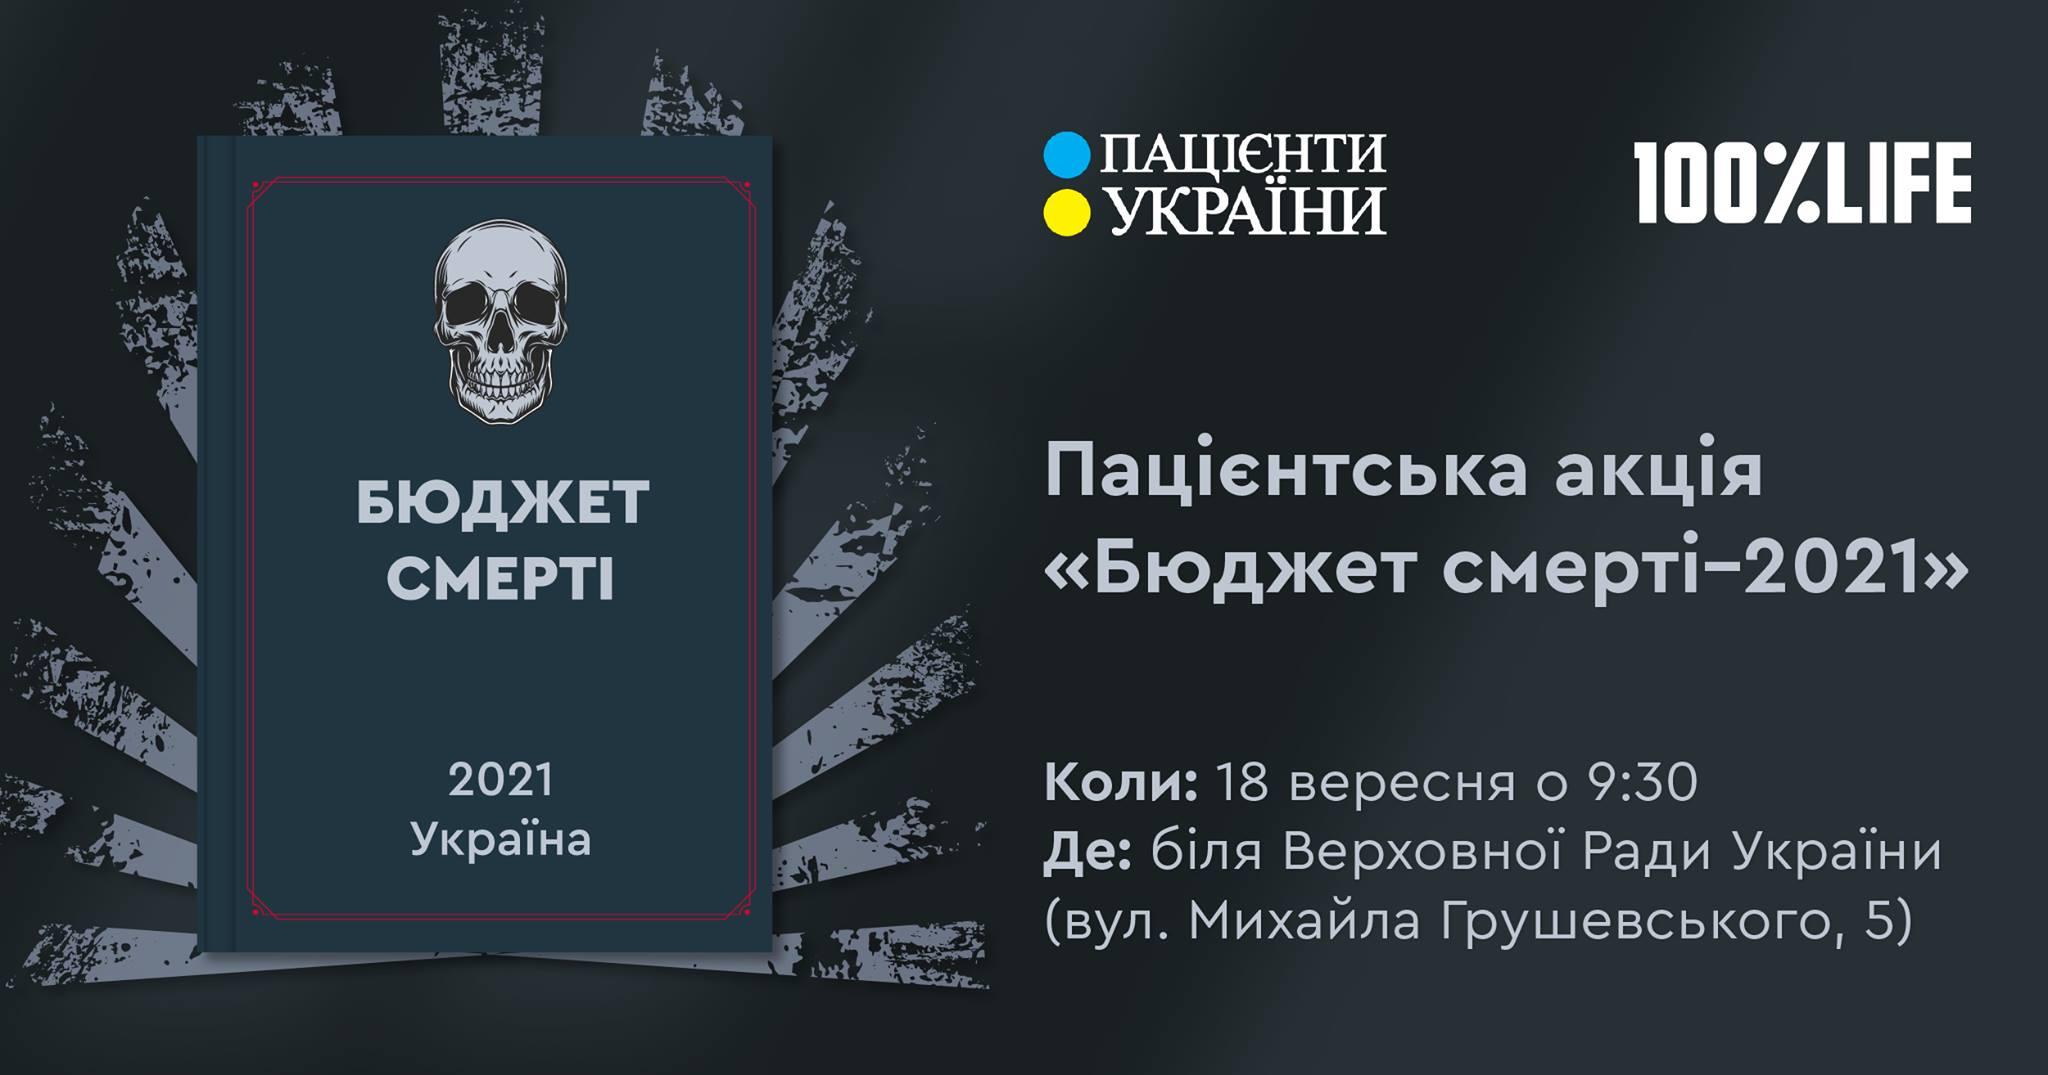 """АНОНС — Пацієнтська акція """"Бюджет смерті-2021"""""""